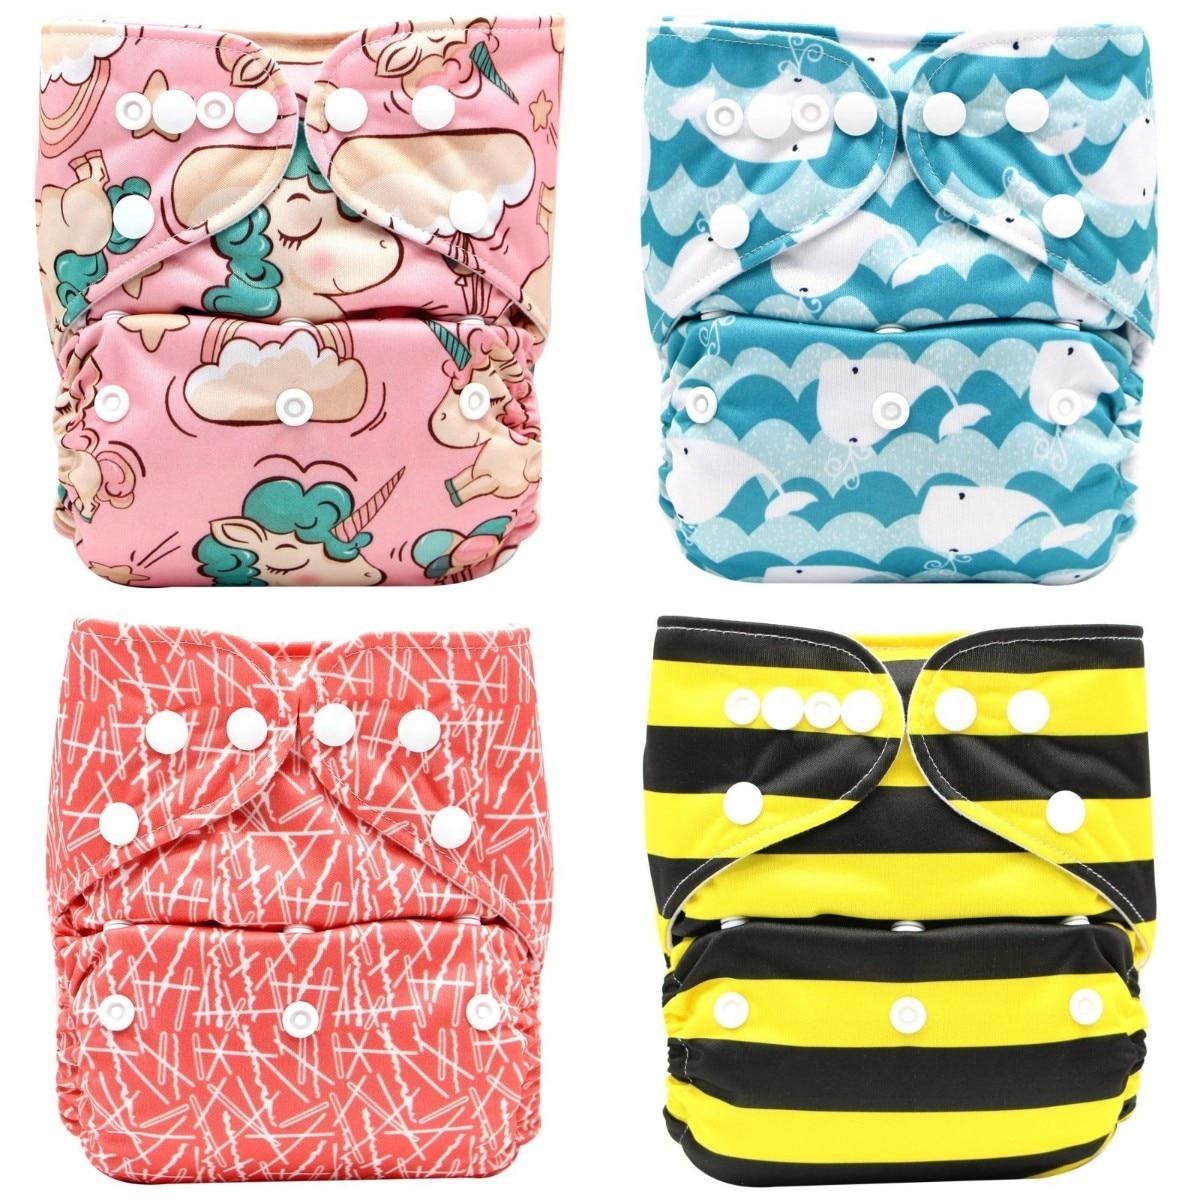 Многоразовые тканевые подгузники, регулируемые детские подгузники, экологичные подгузники для новорожденных, моющиеся подгузники, тренир...